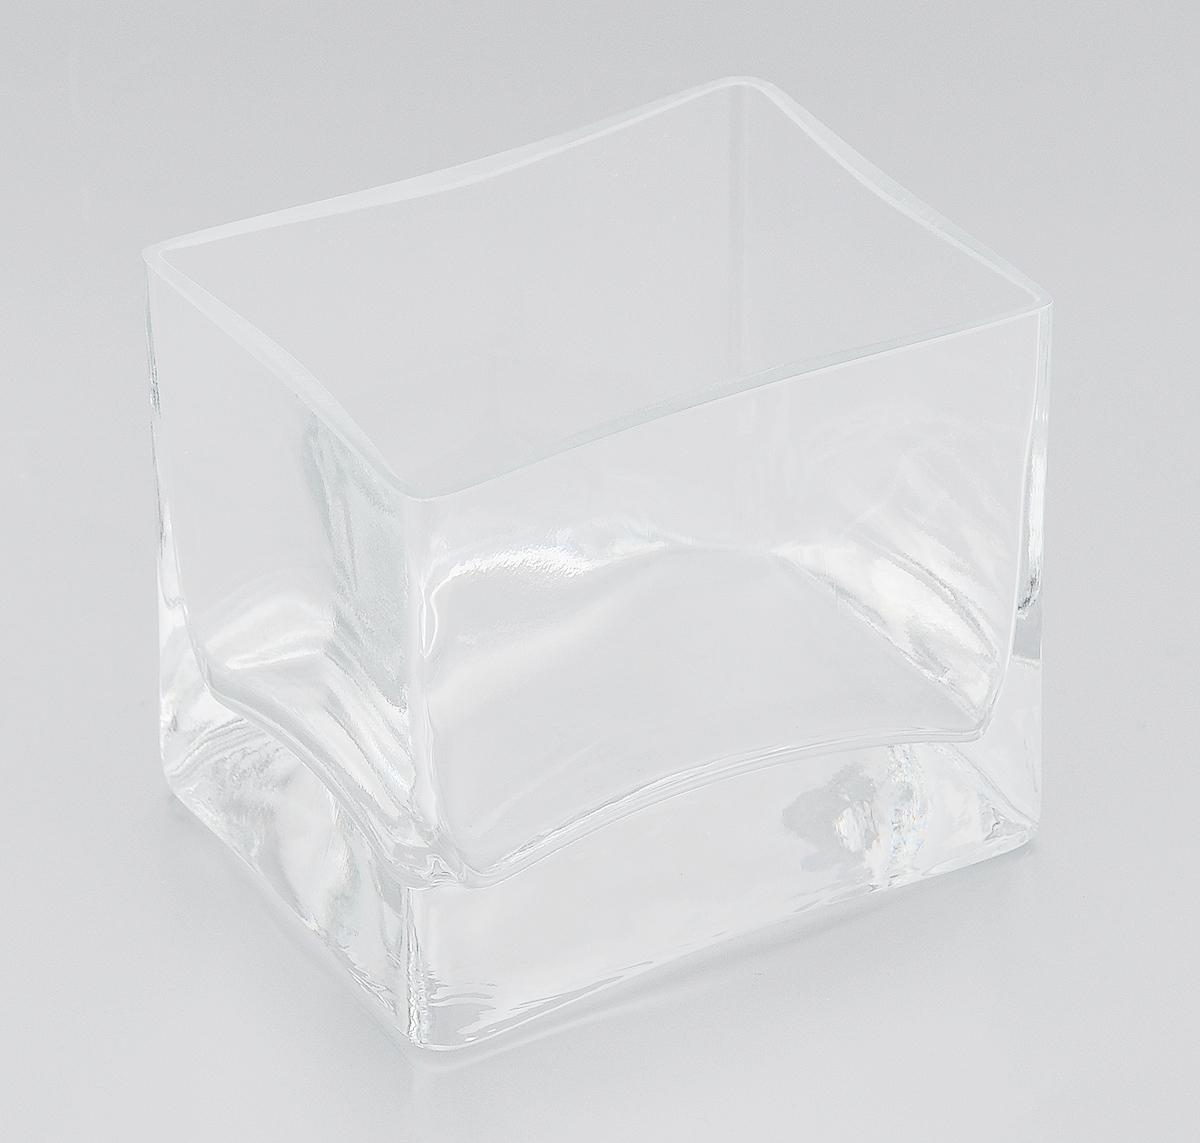 Ваза Pasabahce Botanica, высота 8,5 см43072BЭлегантная ваза Pasabahce Botanica выполнена из высококачественного натрий-кальций- силикатного стекла. Изделие придется по вкусу и ценителям классики, и тем, кто предпочитает утонченность и изящность. Вы можете поставить вазу в любом месте, где она будет удачно смотреться и радовать глаз. Такая ваза подойдет для декора интерьера. Кроме того - это отличный вариант подарка для ваших близких и друзей. Можно мыть в посудомоечной машине. Высота вазы: 8,5 см. Размер вазы (по верхнему краю): 9,5 х 7,5 см.